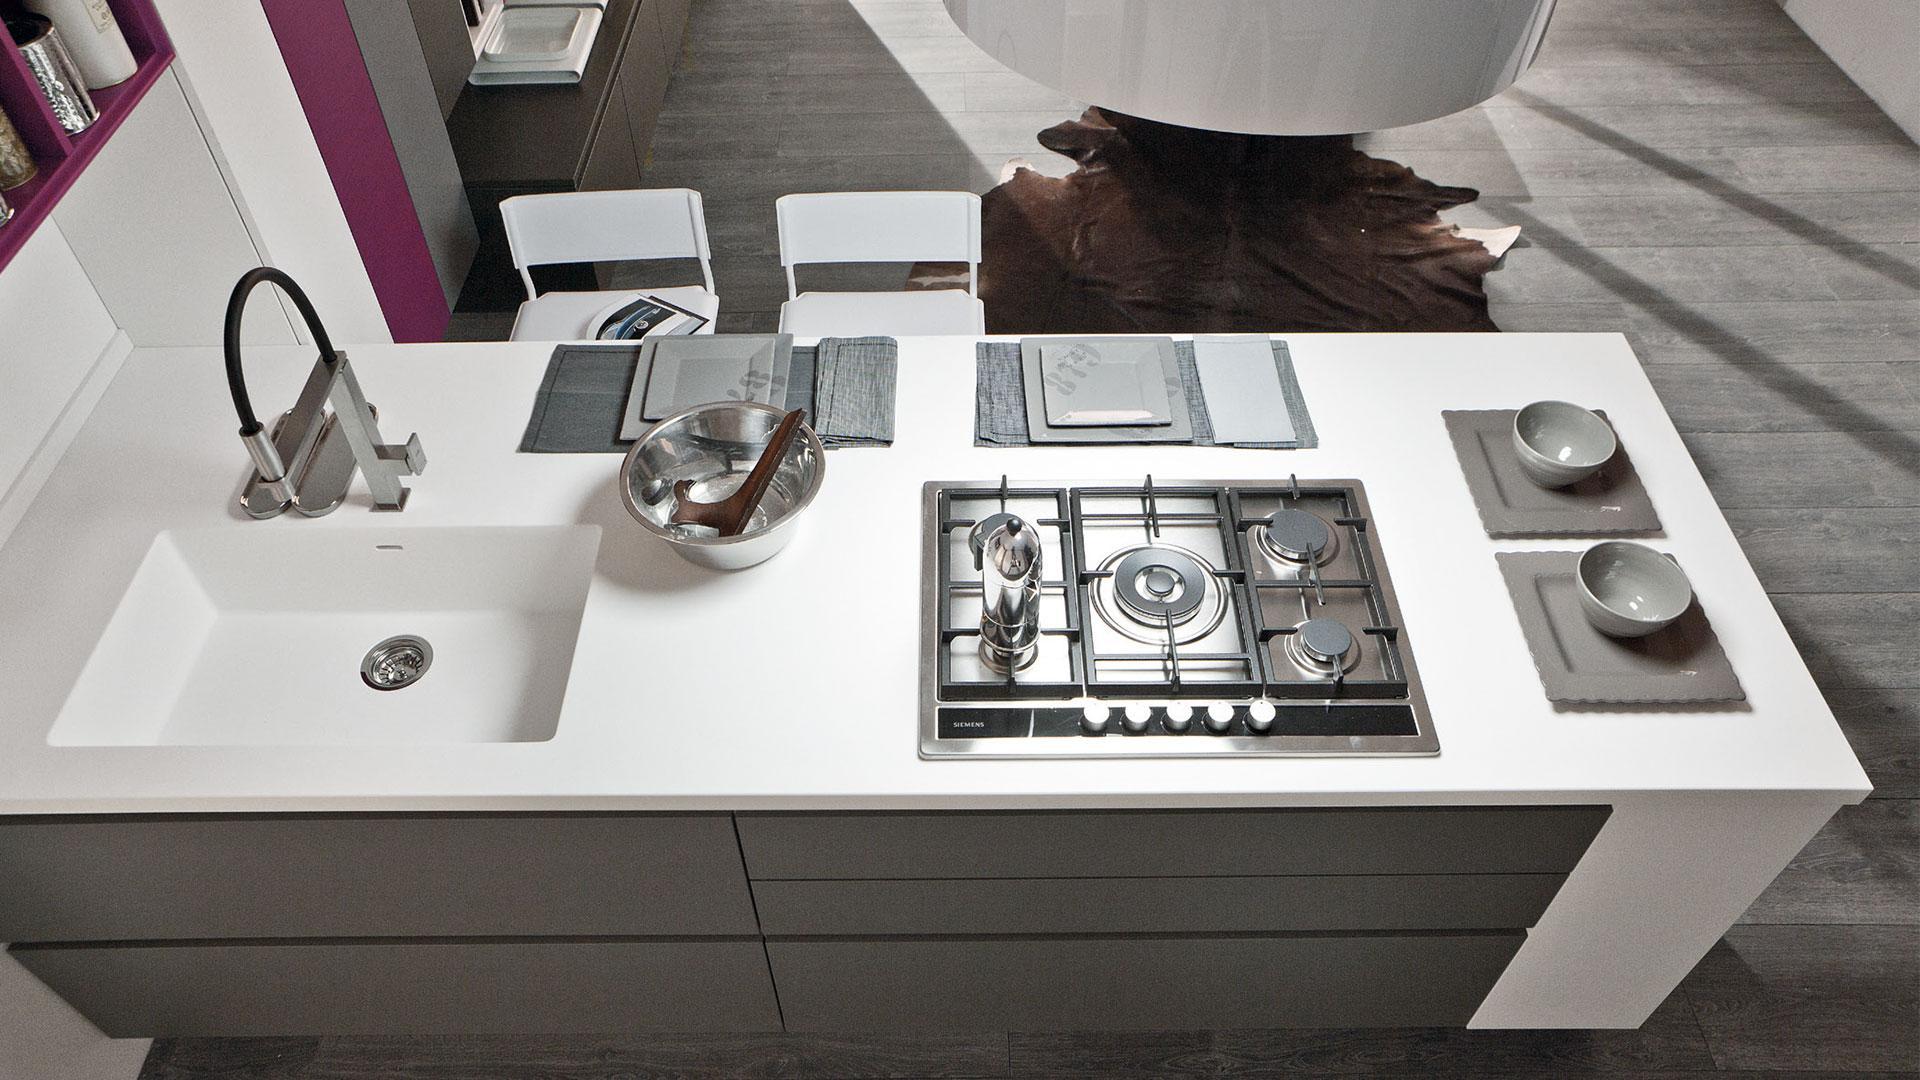 Cucine con isola le tendenze del 2019 lube store milano le cucine lube creo a milano - Cucine moderne con isola lube ...